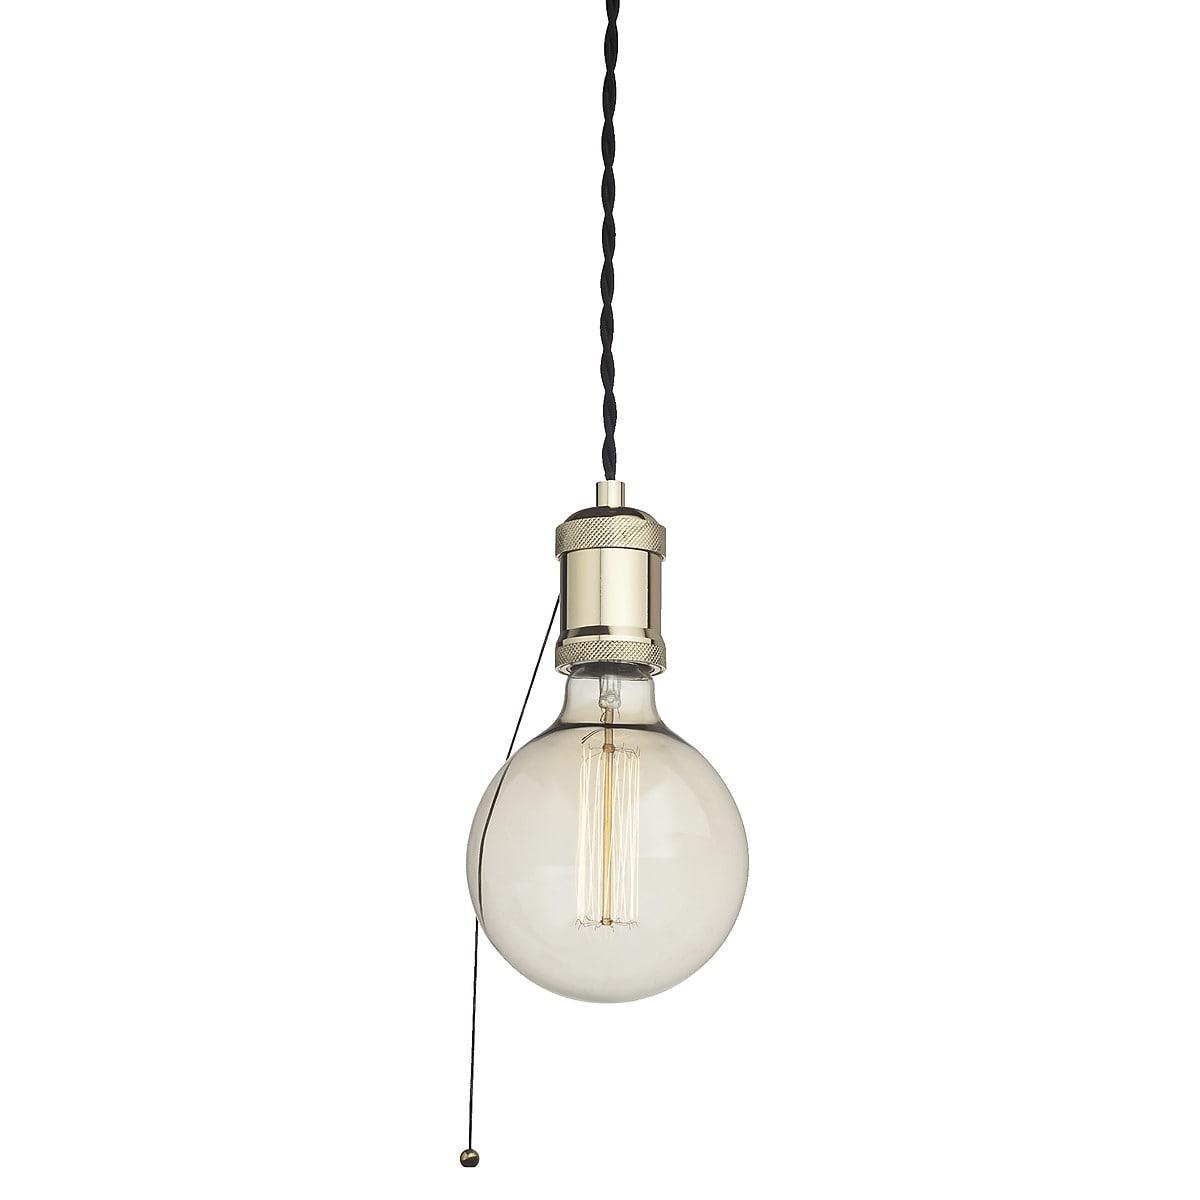 Lamphållare Classic med textilkabel Northlight